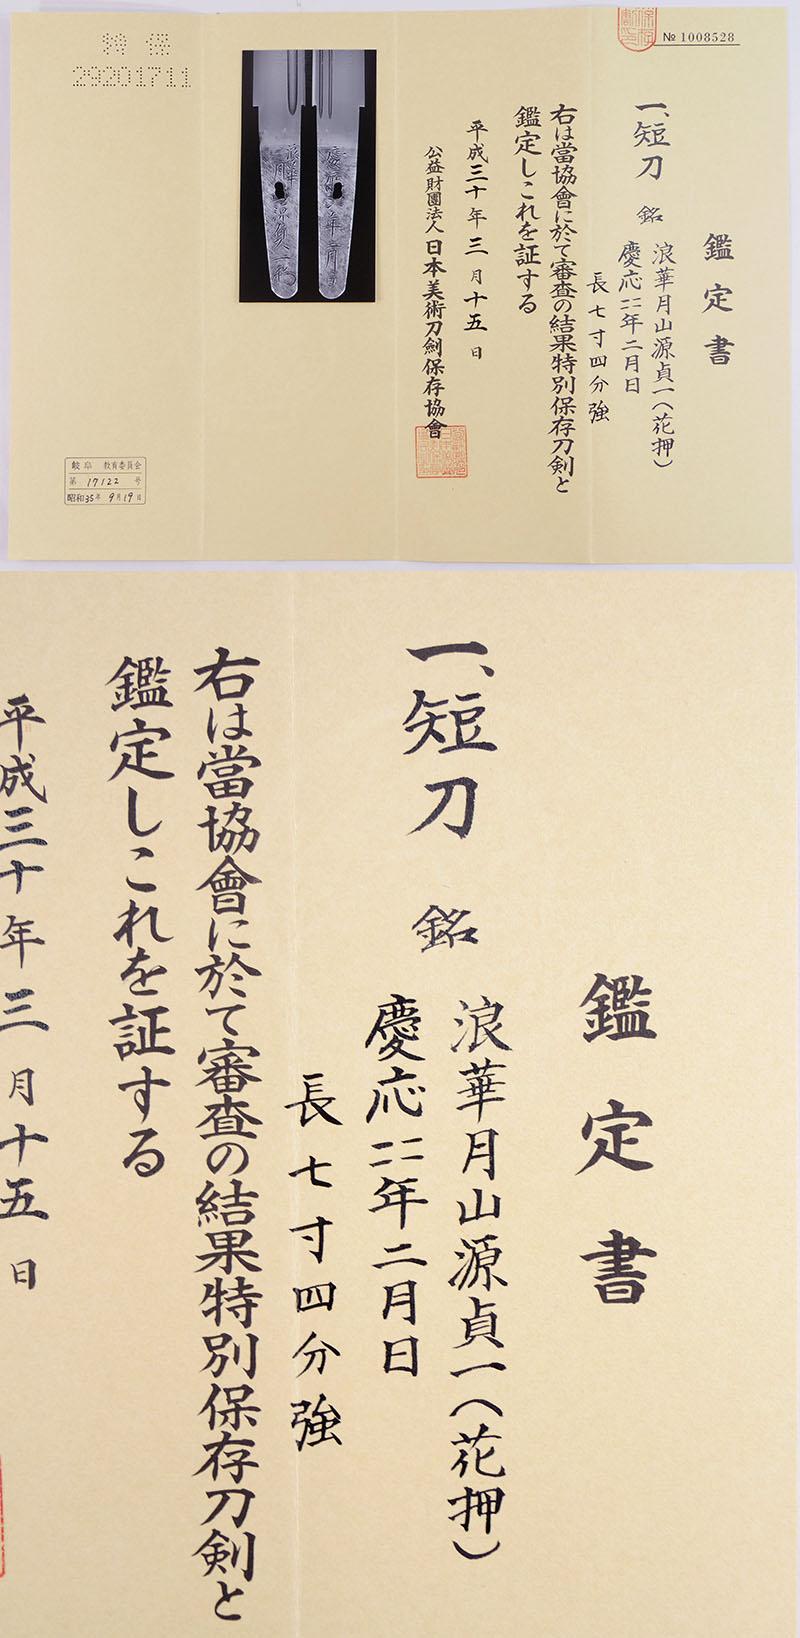 浪華月山源貞一 Picture of Certificate